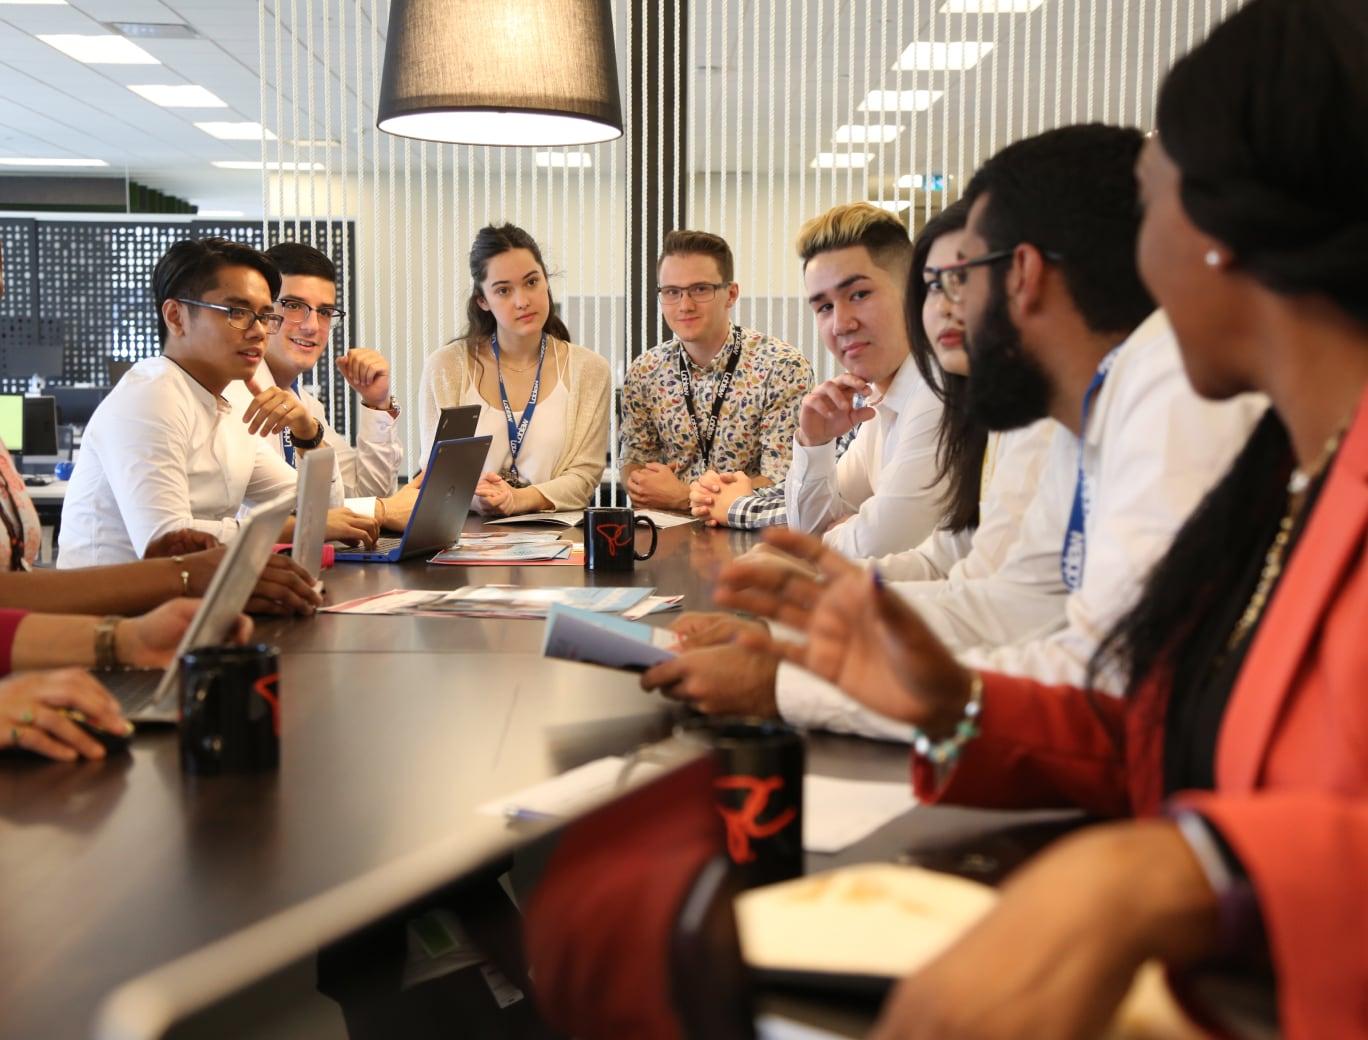 Groupe de stagiaires assis à une table avec des ordinateurs portables et écoutant quelqu'un parler.